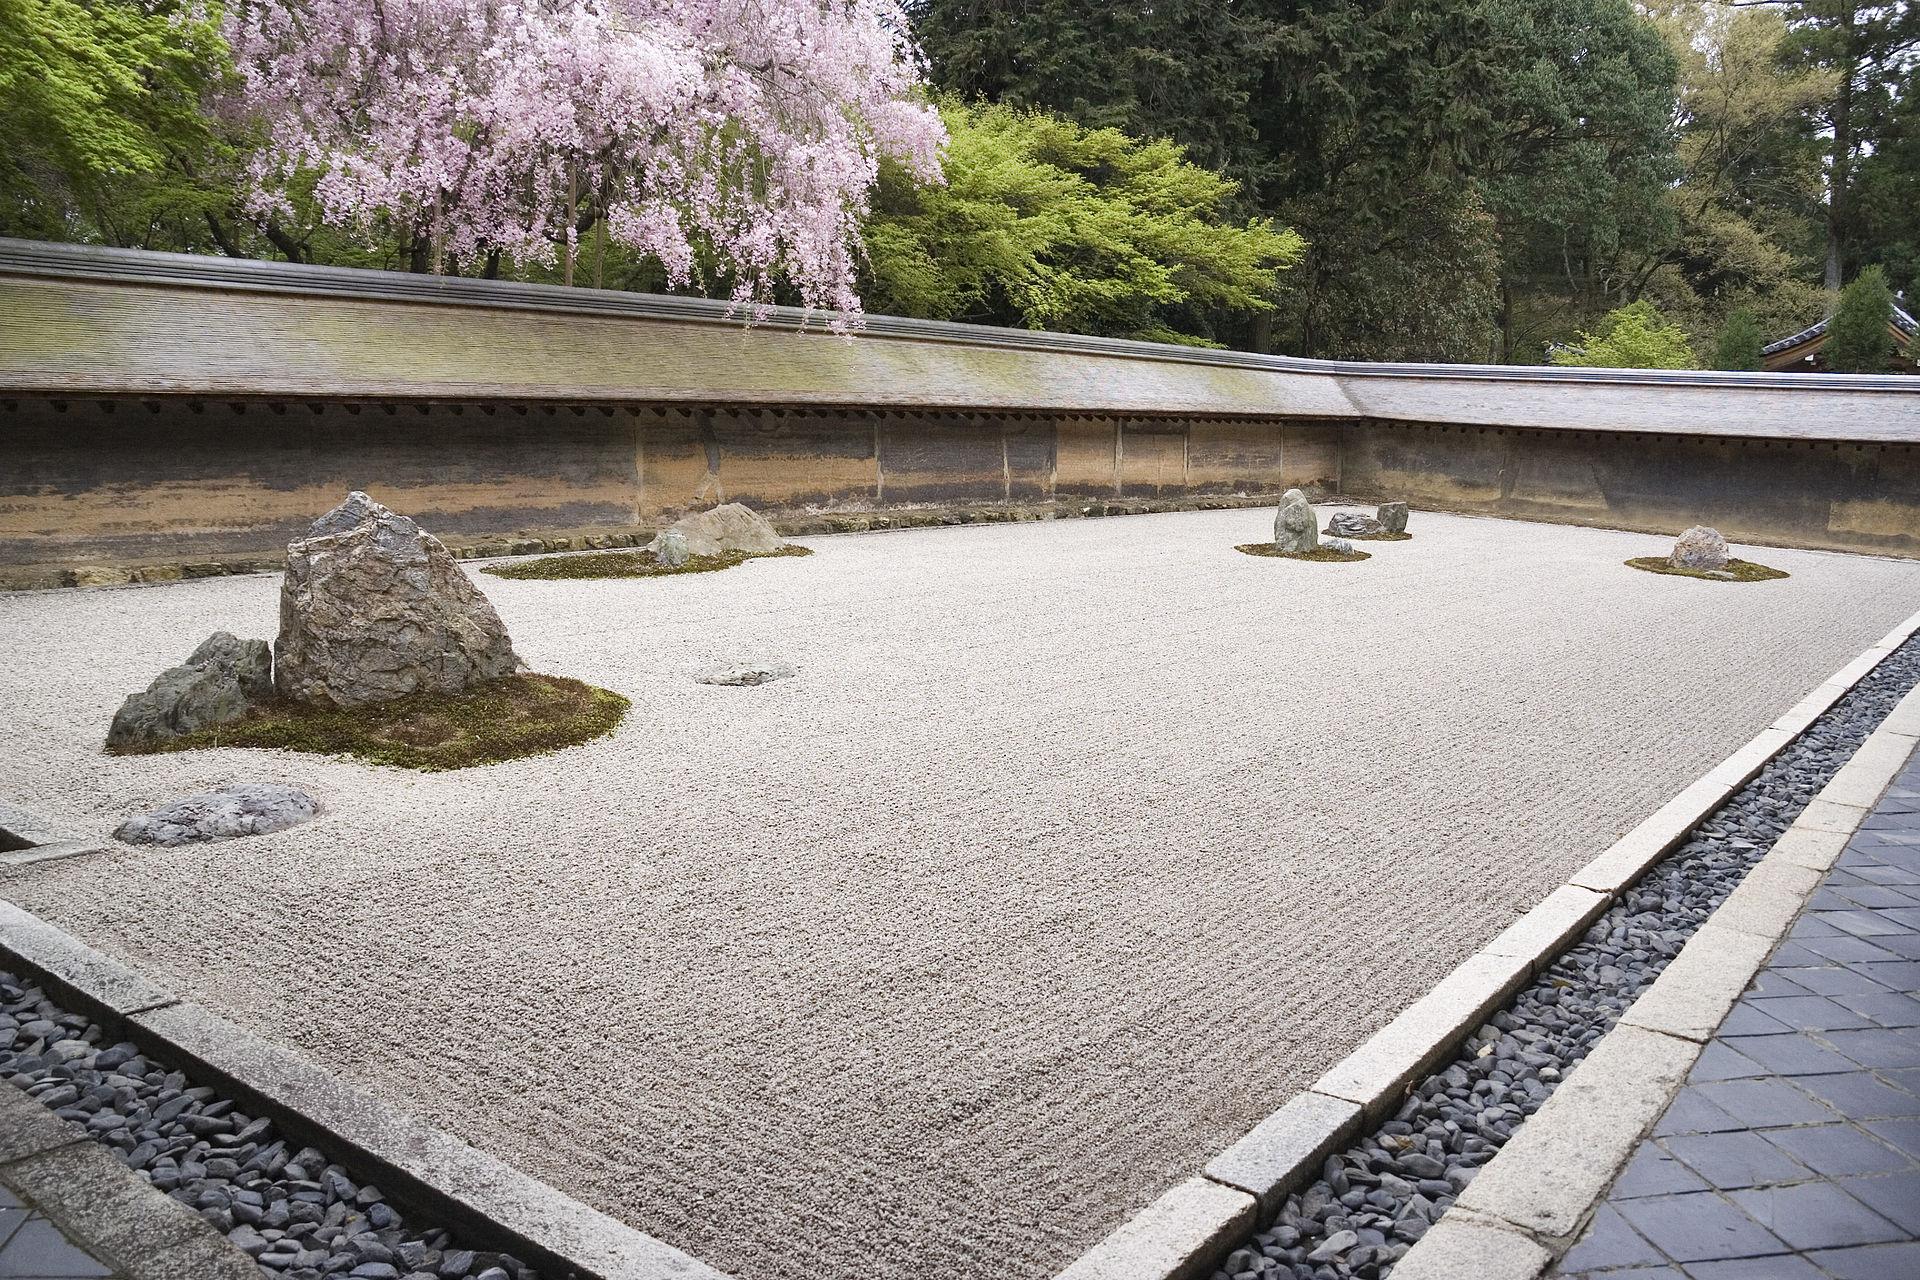 http://about-kyoto.net/wp-content/uploads/2015/02/ryoanji.jpg